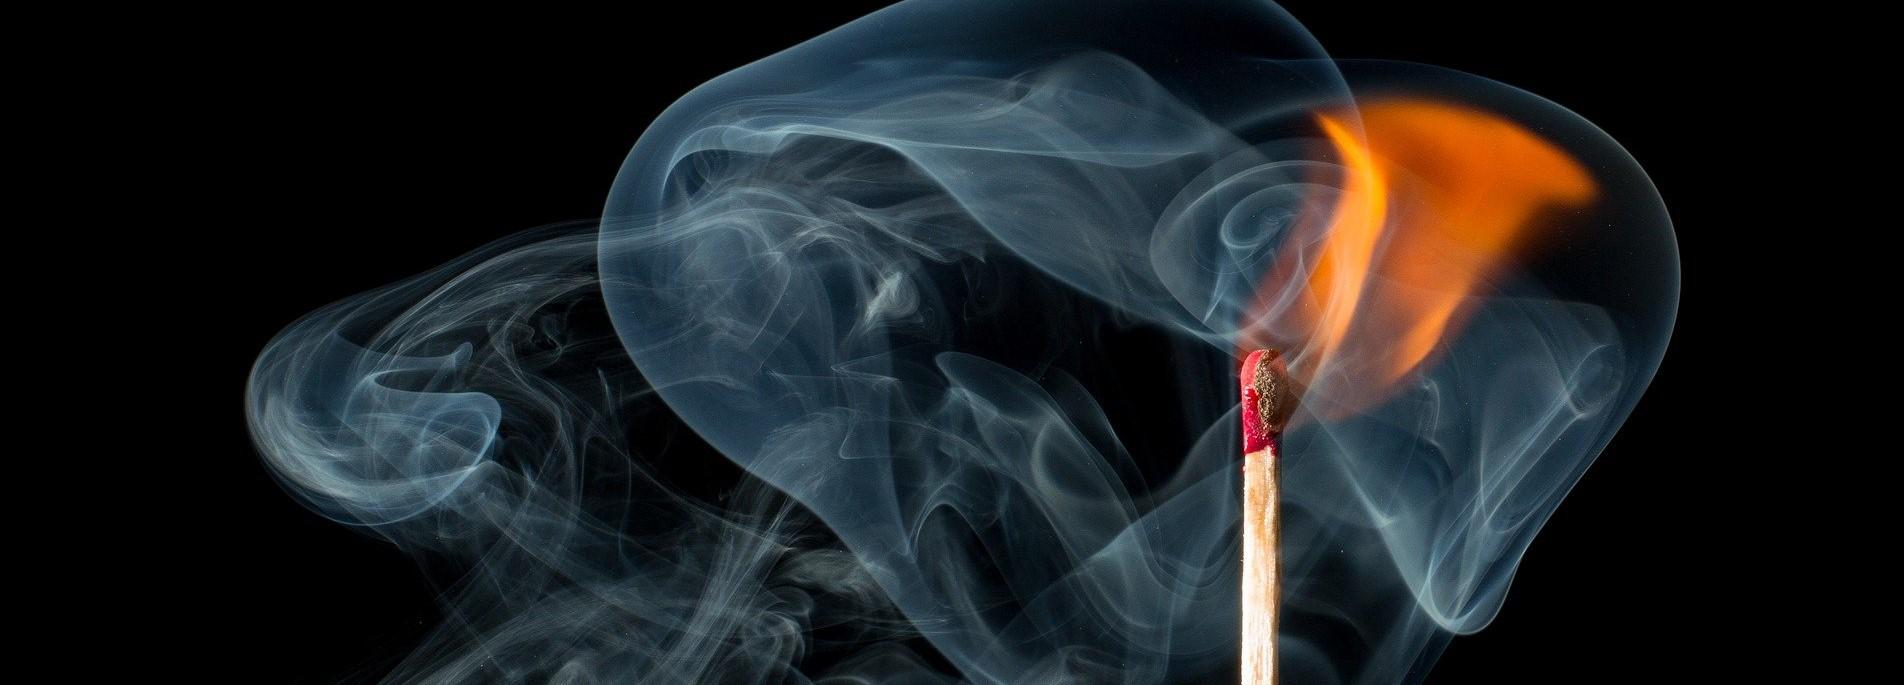 дым, спичка